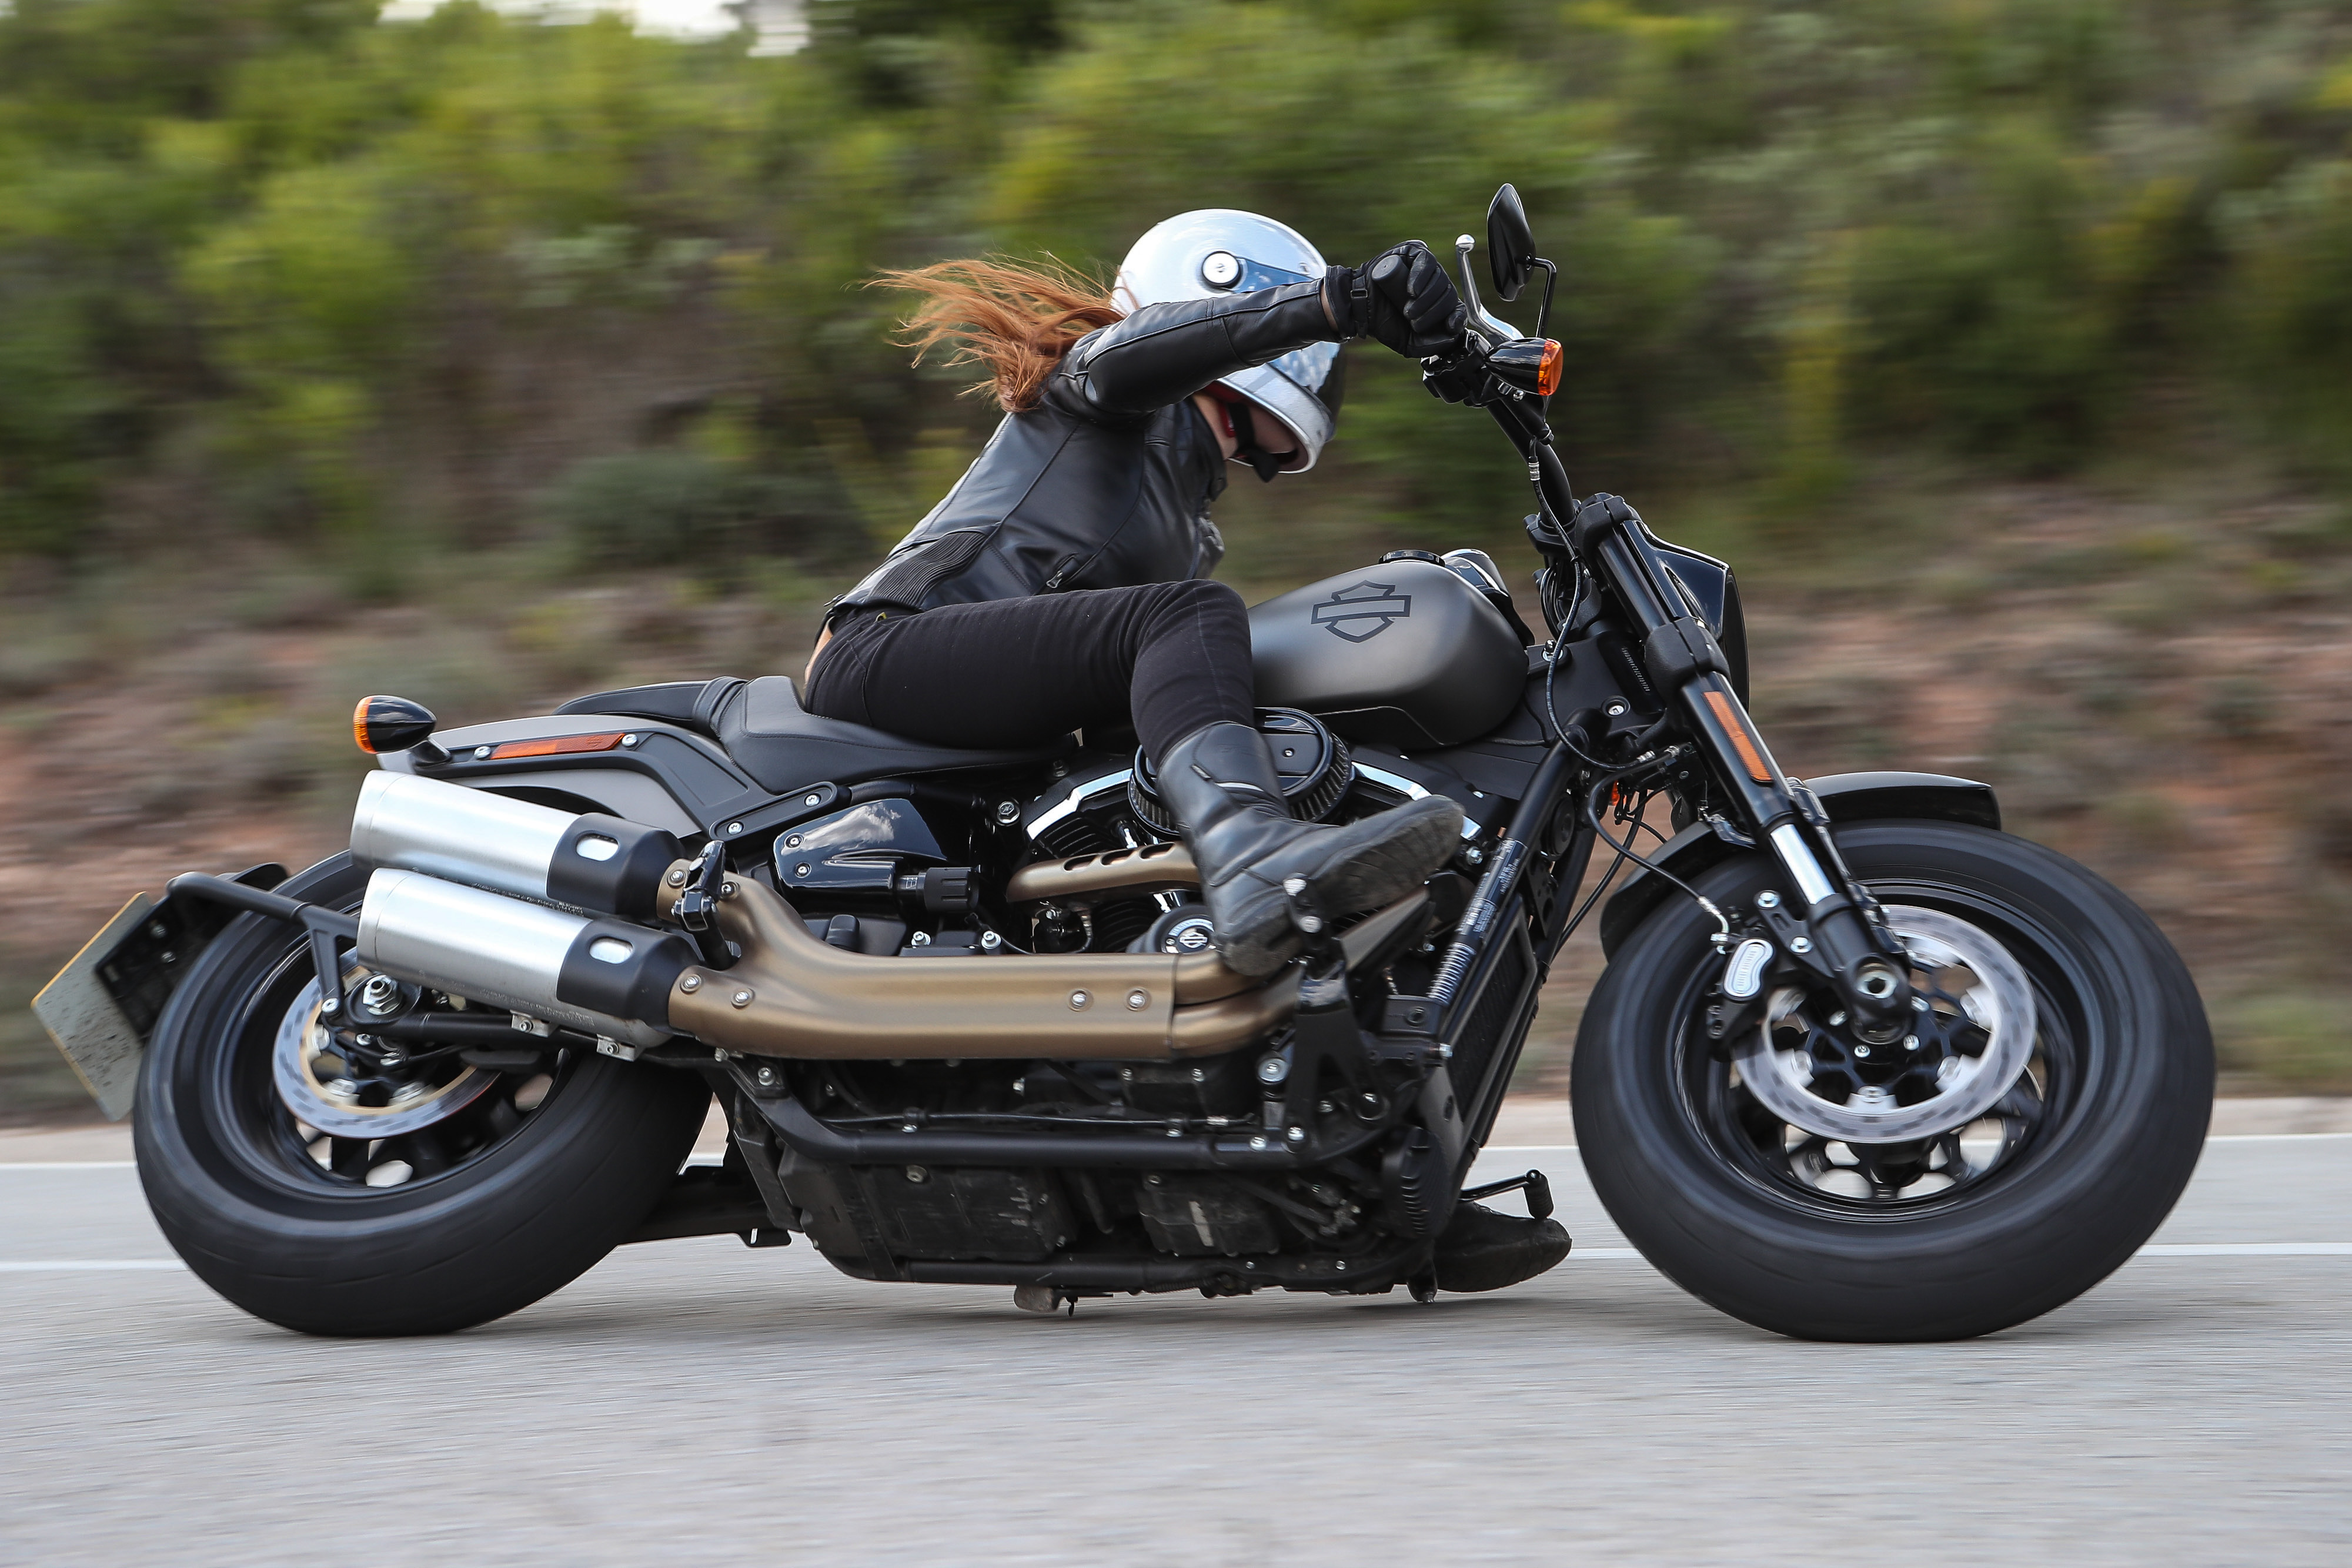 Custon Chrome Harley Davidson Sport Bike Kit